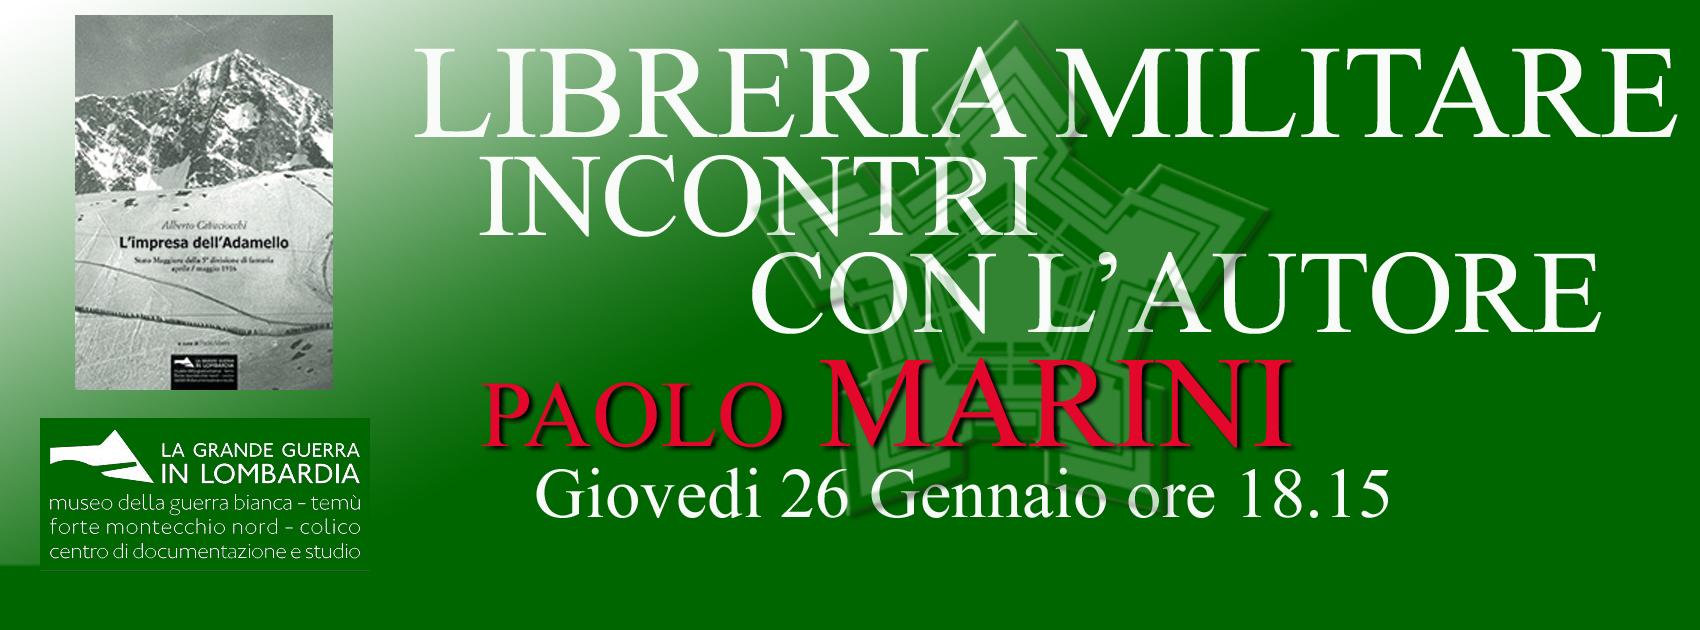 Libreria Militare Milano - INCONTRI Paolo Marini